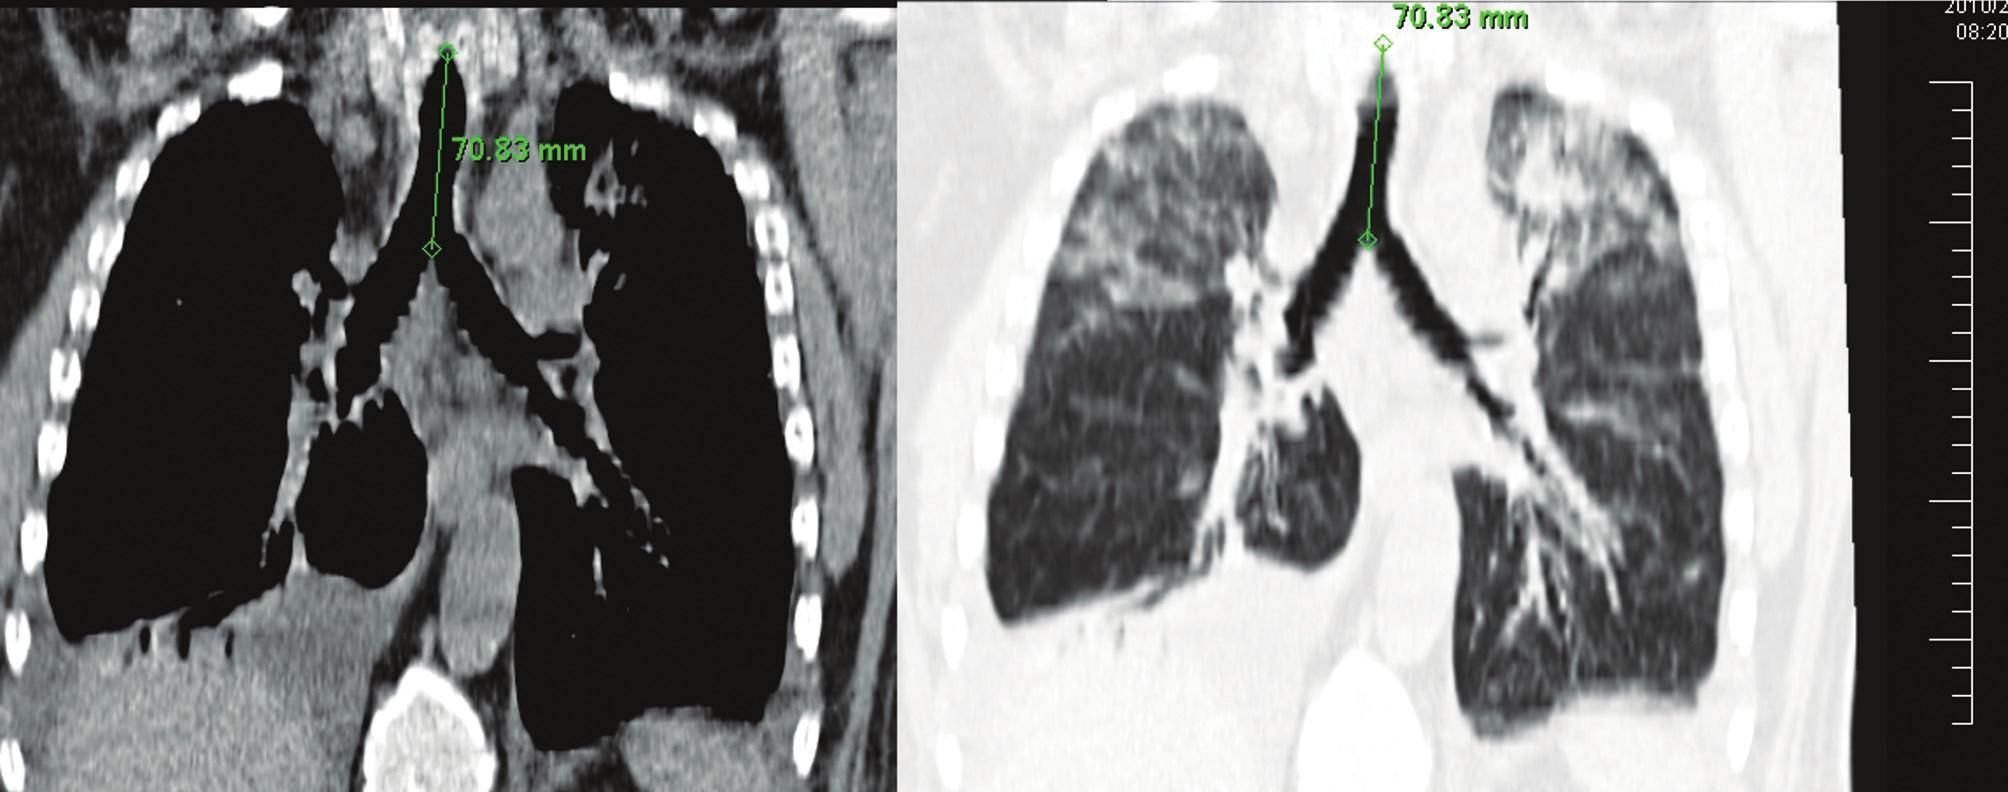 Terajšia dĺžka trachey od hlasivkovej štrbiny po hlavnú bifurkačnú karinu (pacient č. 5) Fig. 7. The postoperative length of the trachea, from the glottis to the main bifurcation carina (patient No 5)